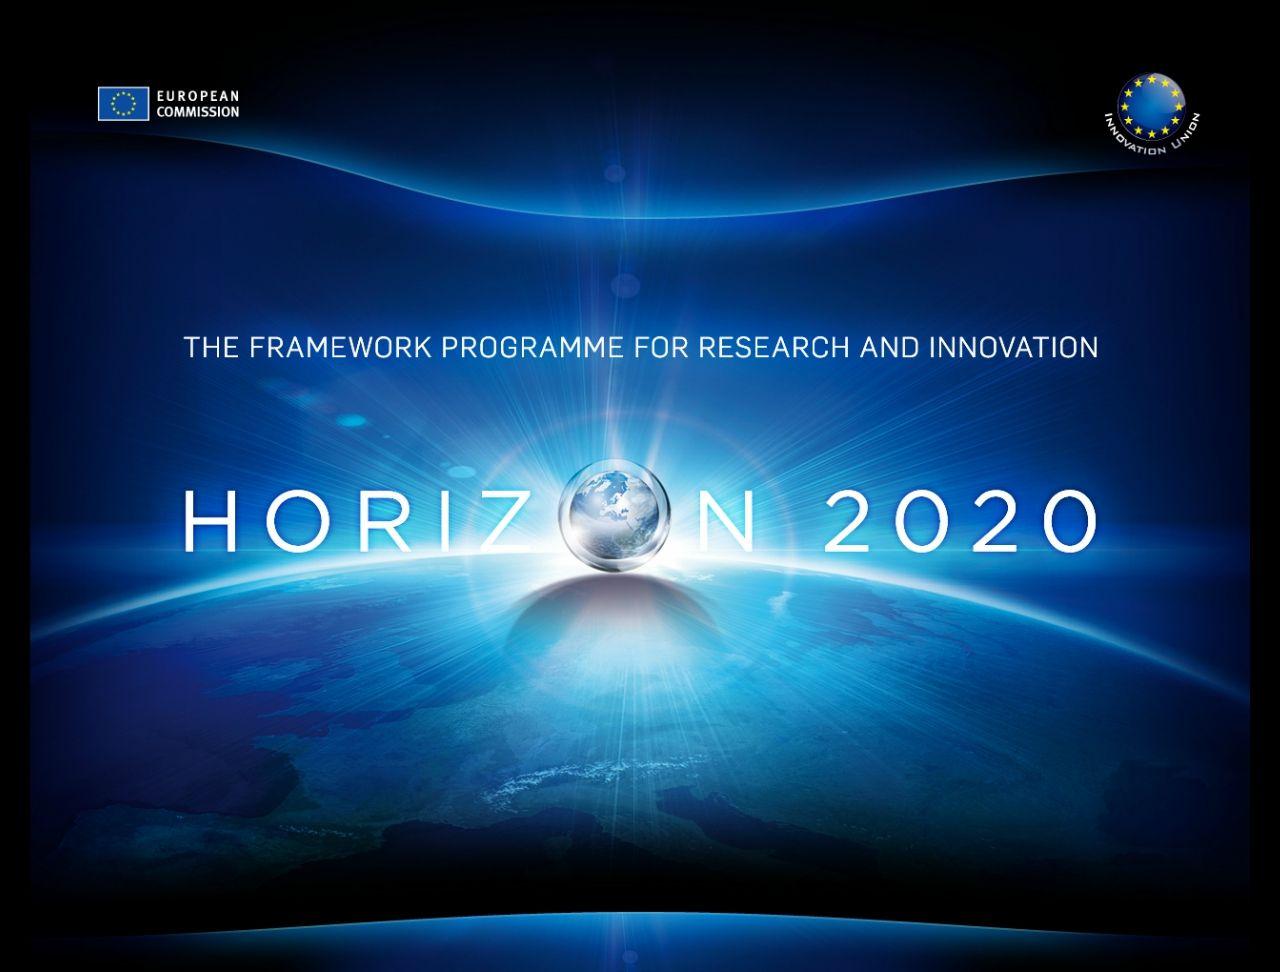 JPG_HORIZON_2020_LOGO.jpg